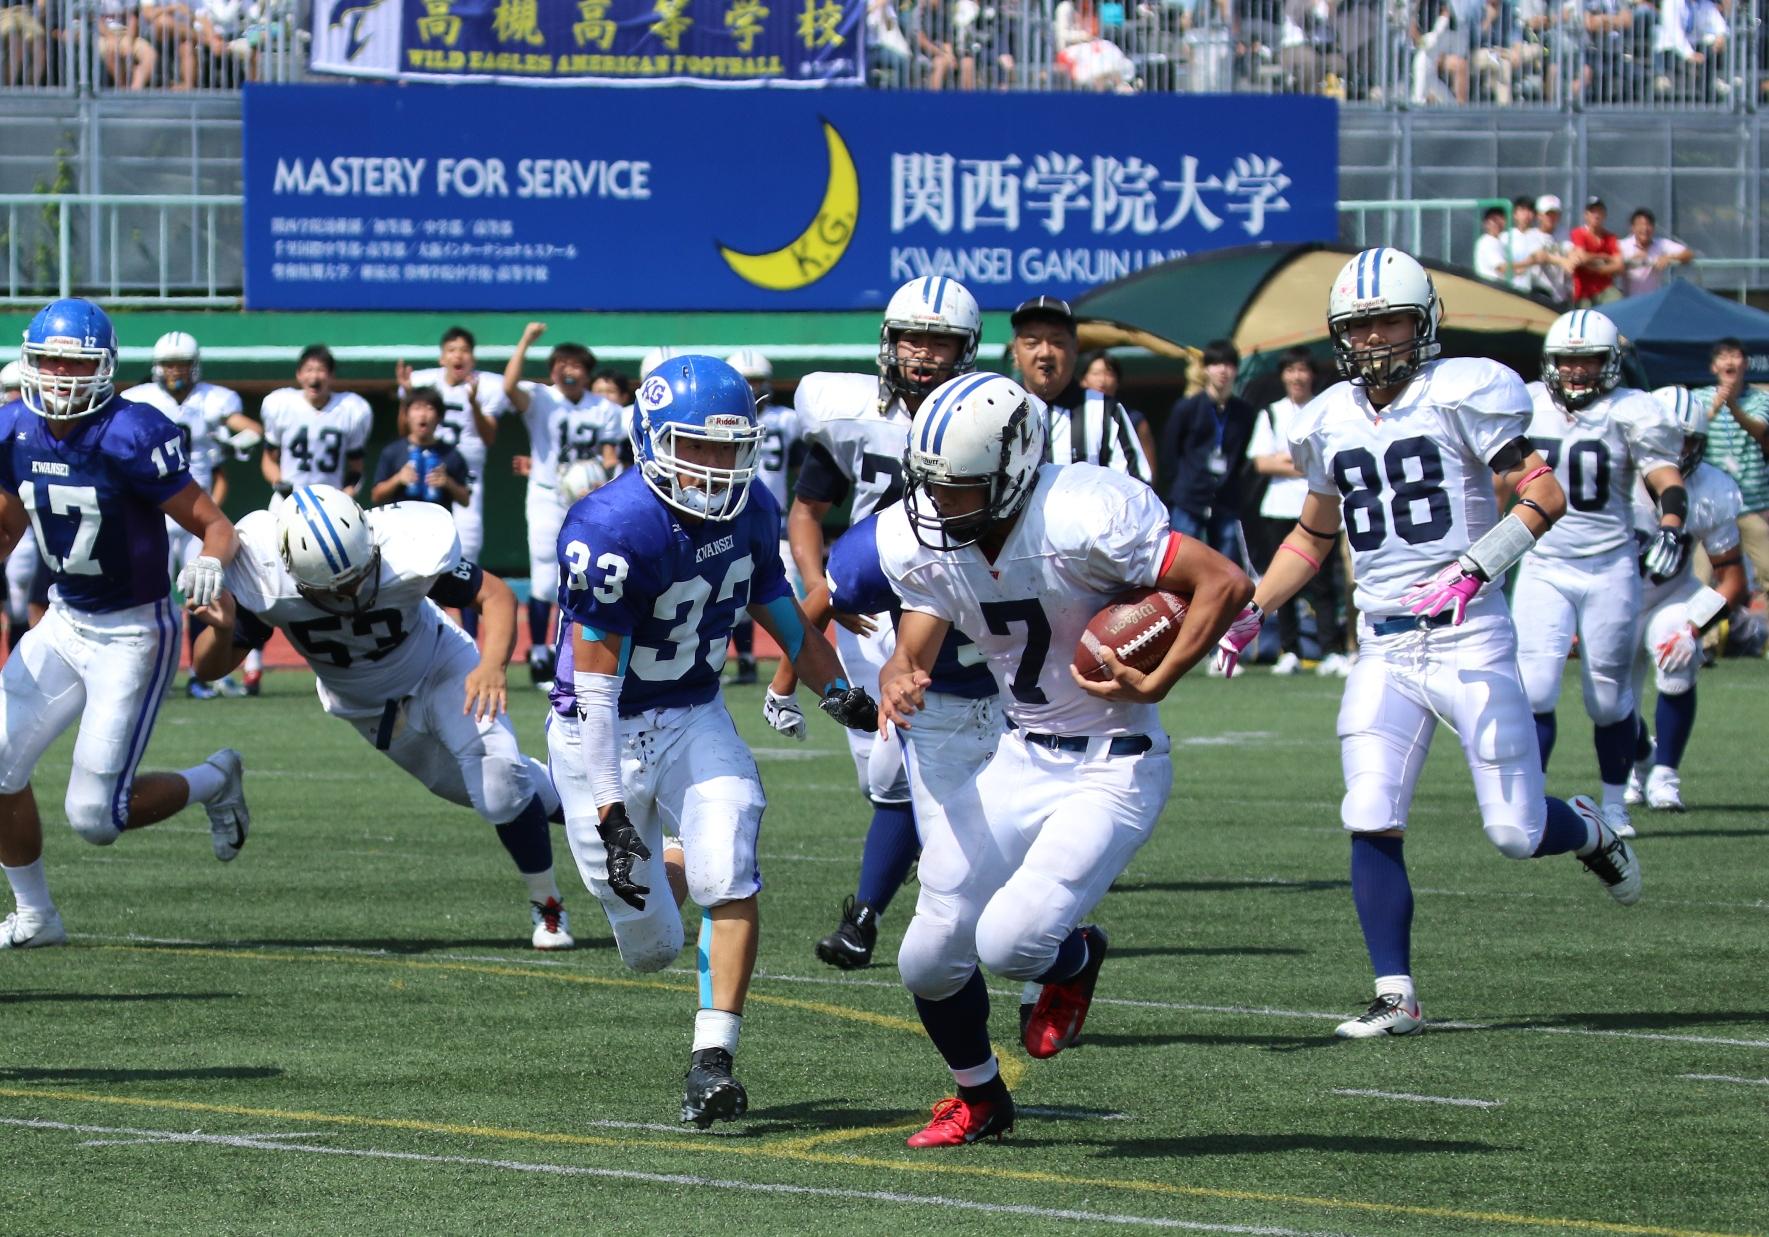 高槻のオフェンスを支えた、エースRB斎藤(7)の力強いラン=撮影:山口雅弘